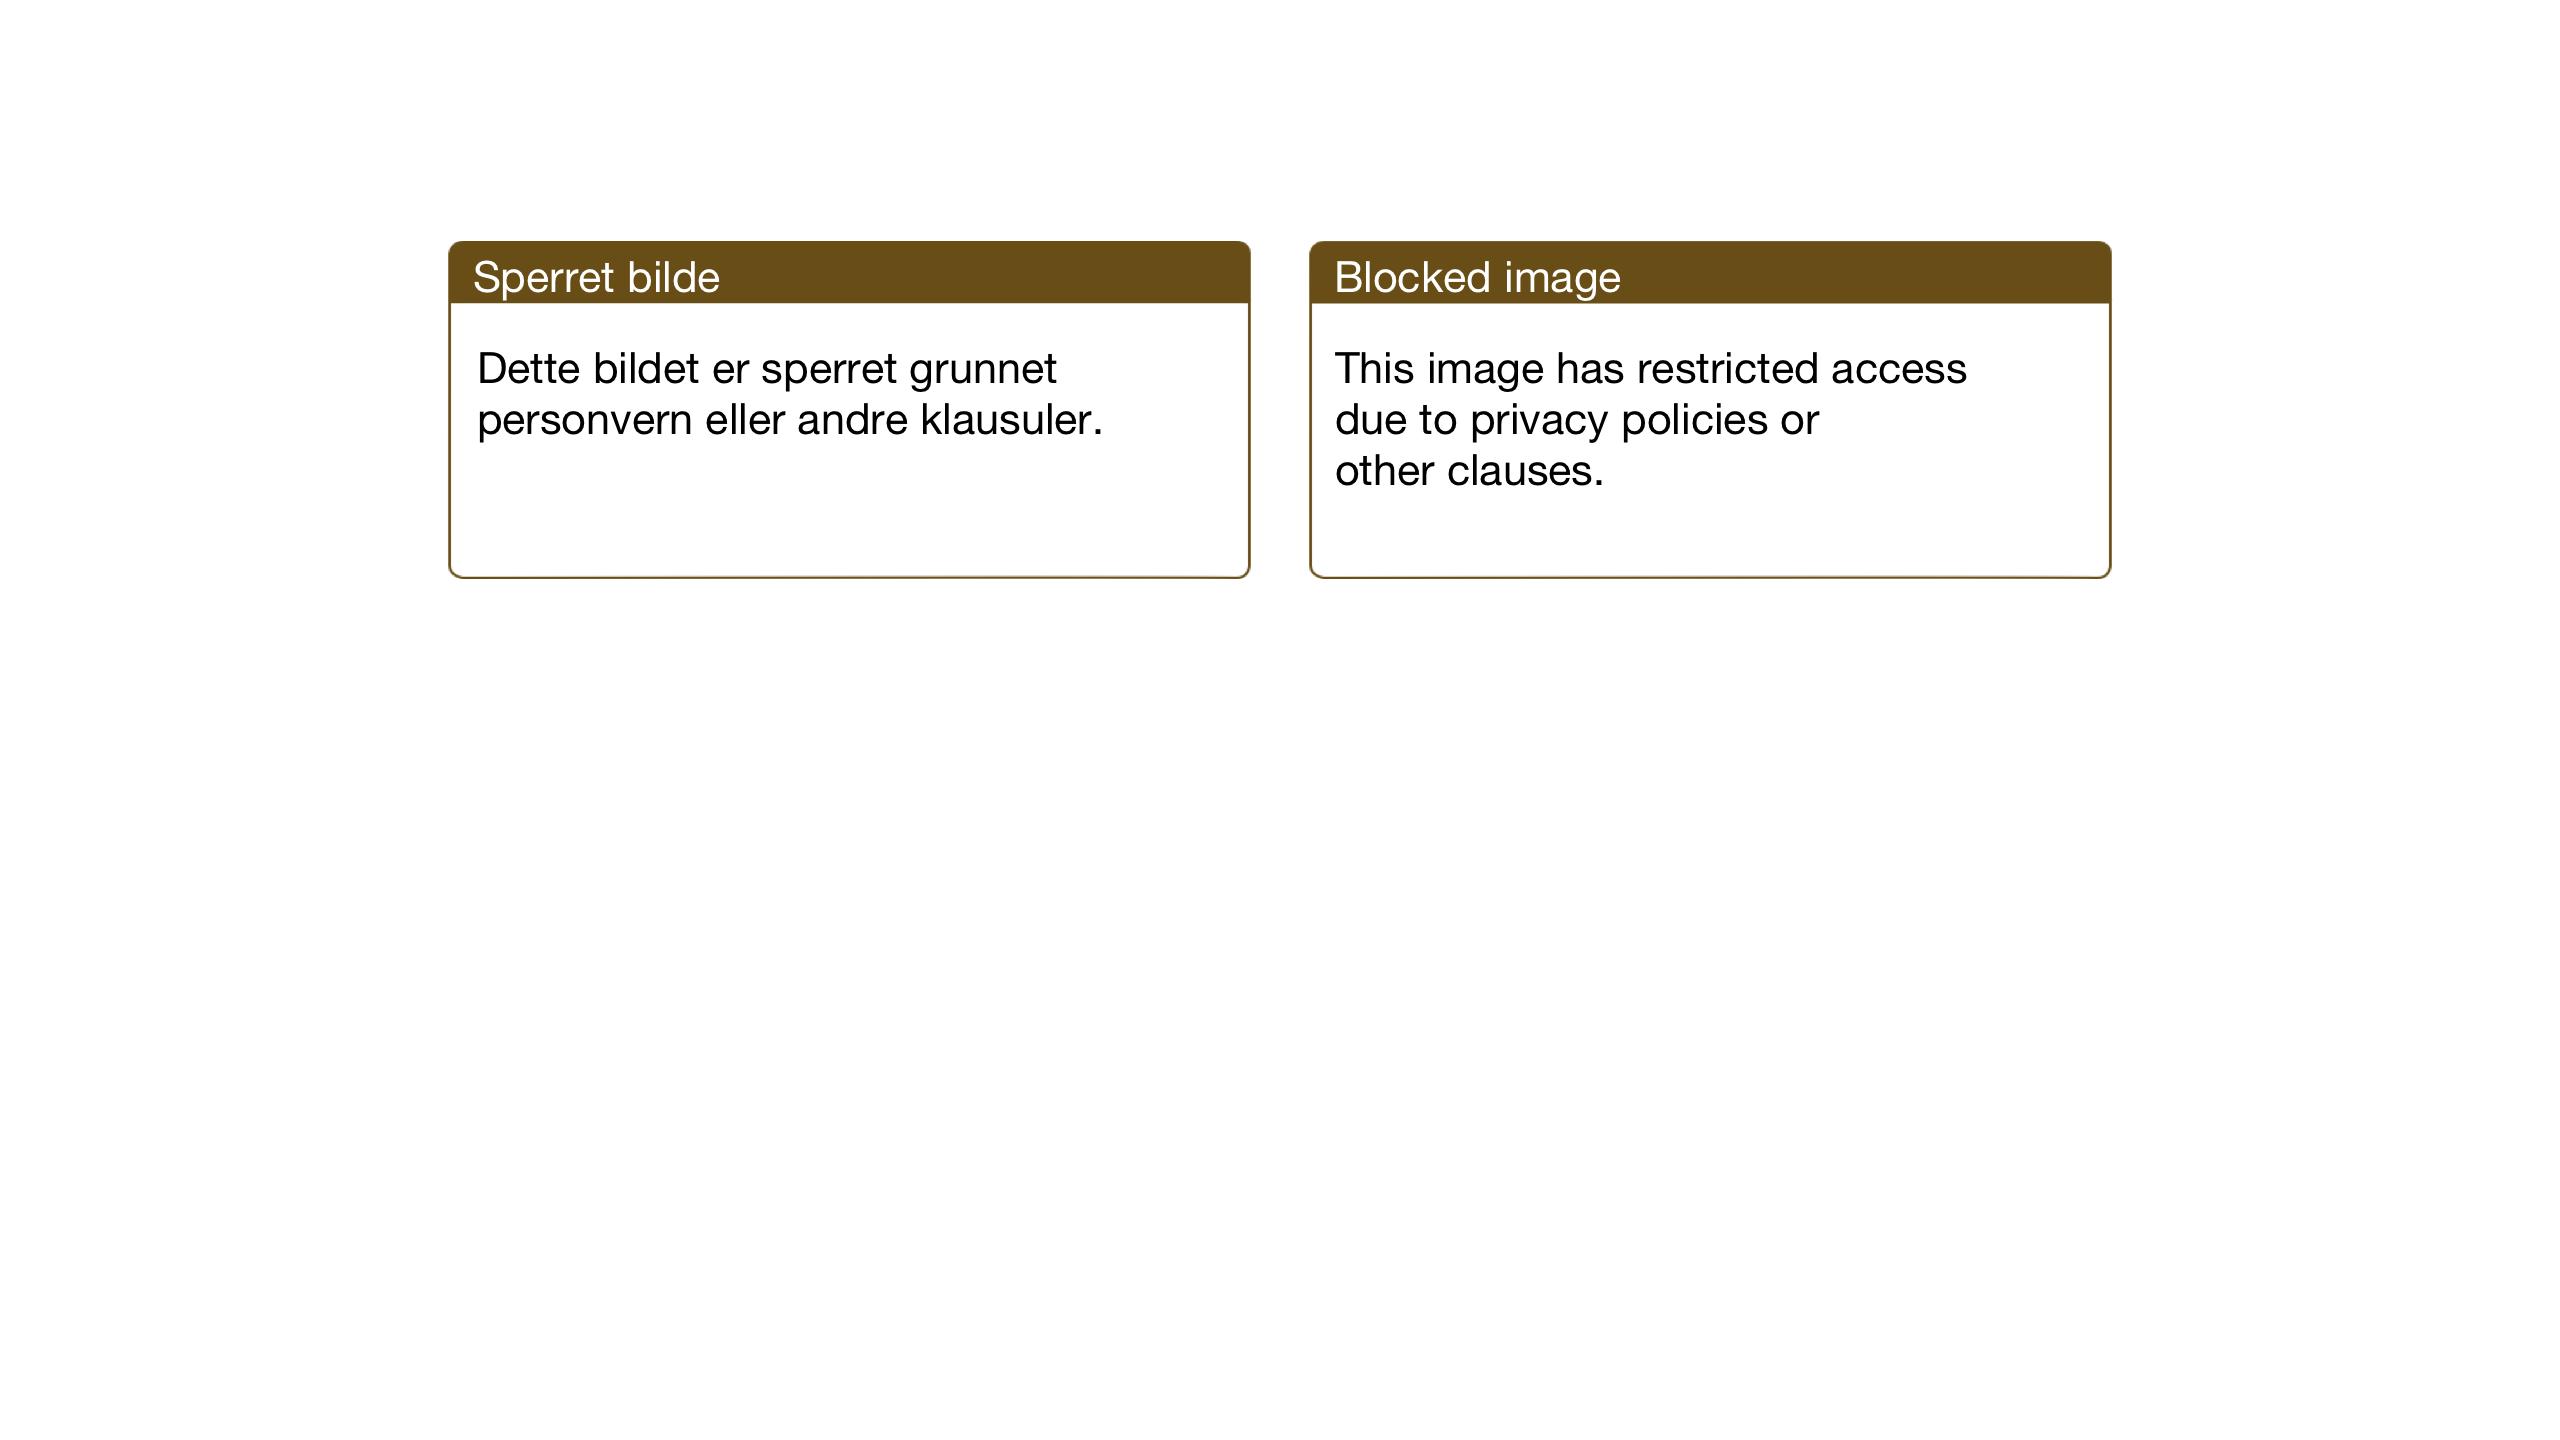 SAT, Ministerialprotokoller, klokkerbøker og fødselsregistre - Sør-Trøndelag, 618/L0454: Klokkerbok nr. 618C05, 1926-1946, s. 153